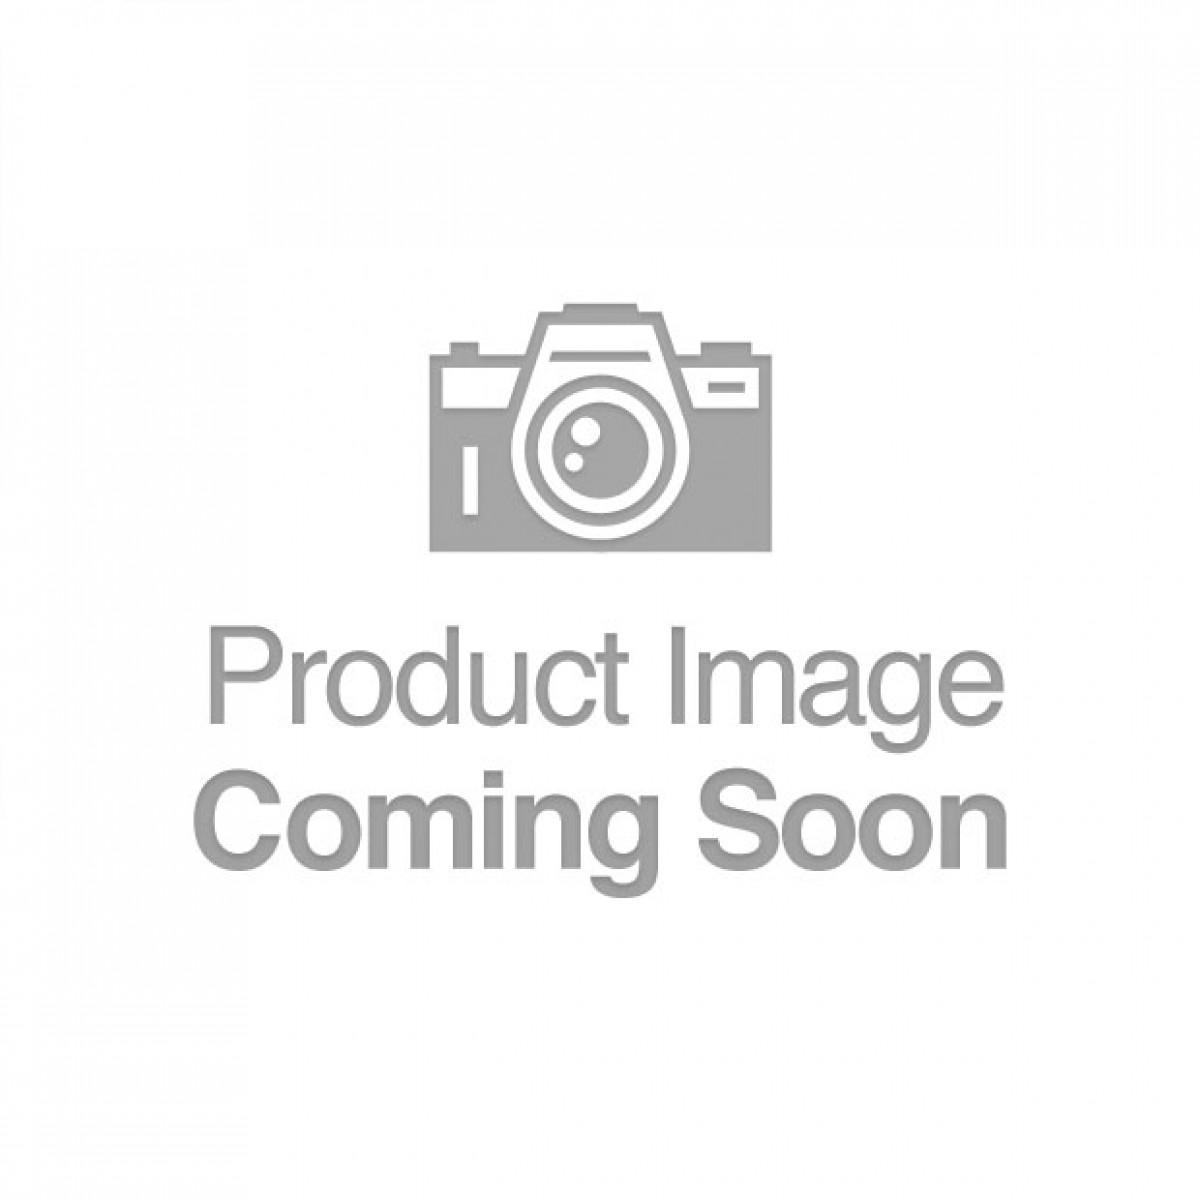 Dorcel P-Stroker Moving Bead Prostate Massager - Black